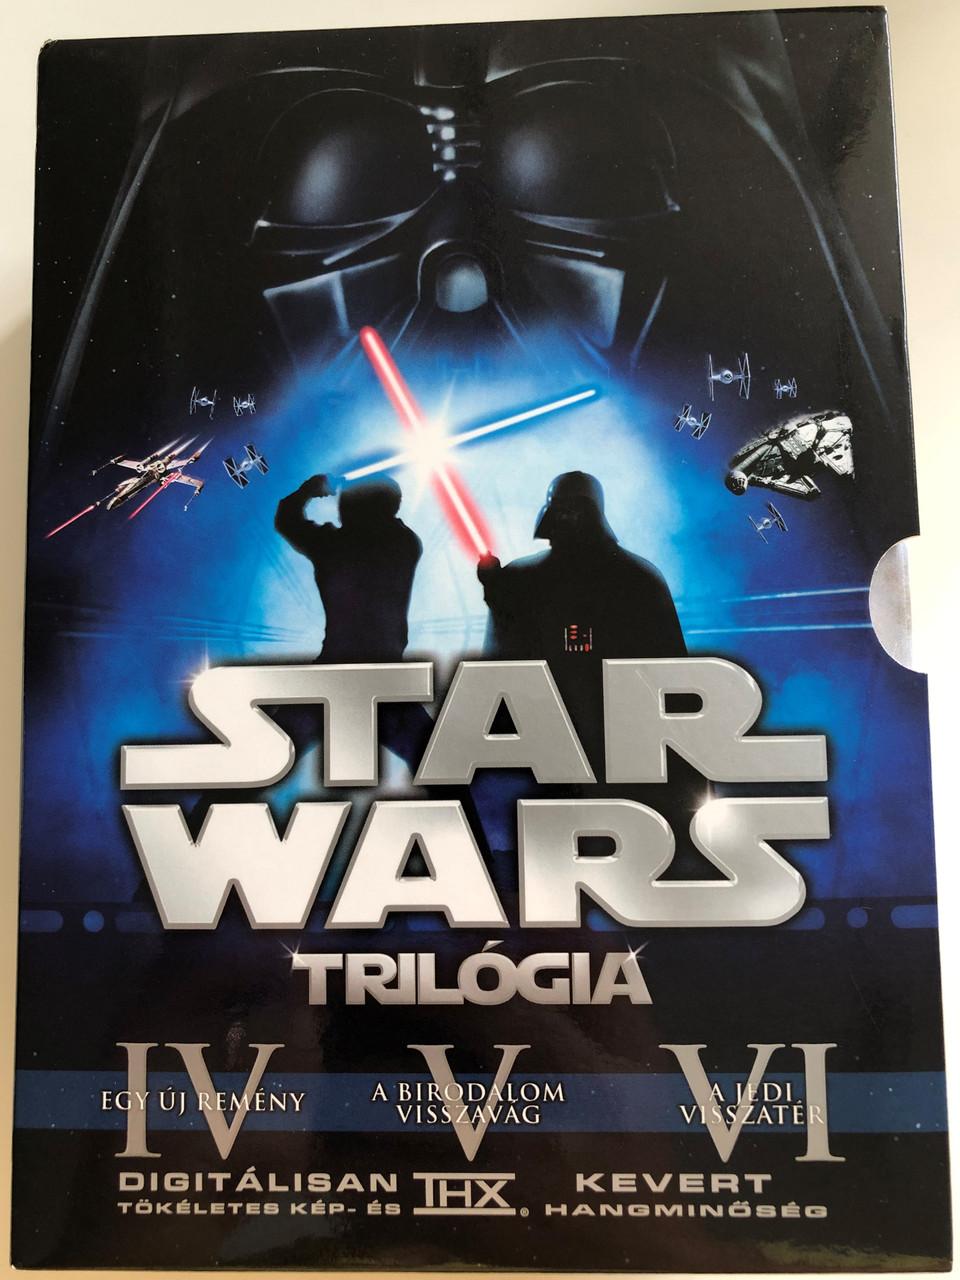 Star Wars Trilogy Dvd Set 2004 Episode Iv A New Hope V The Empire Strikes Back